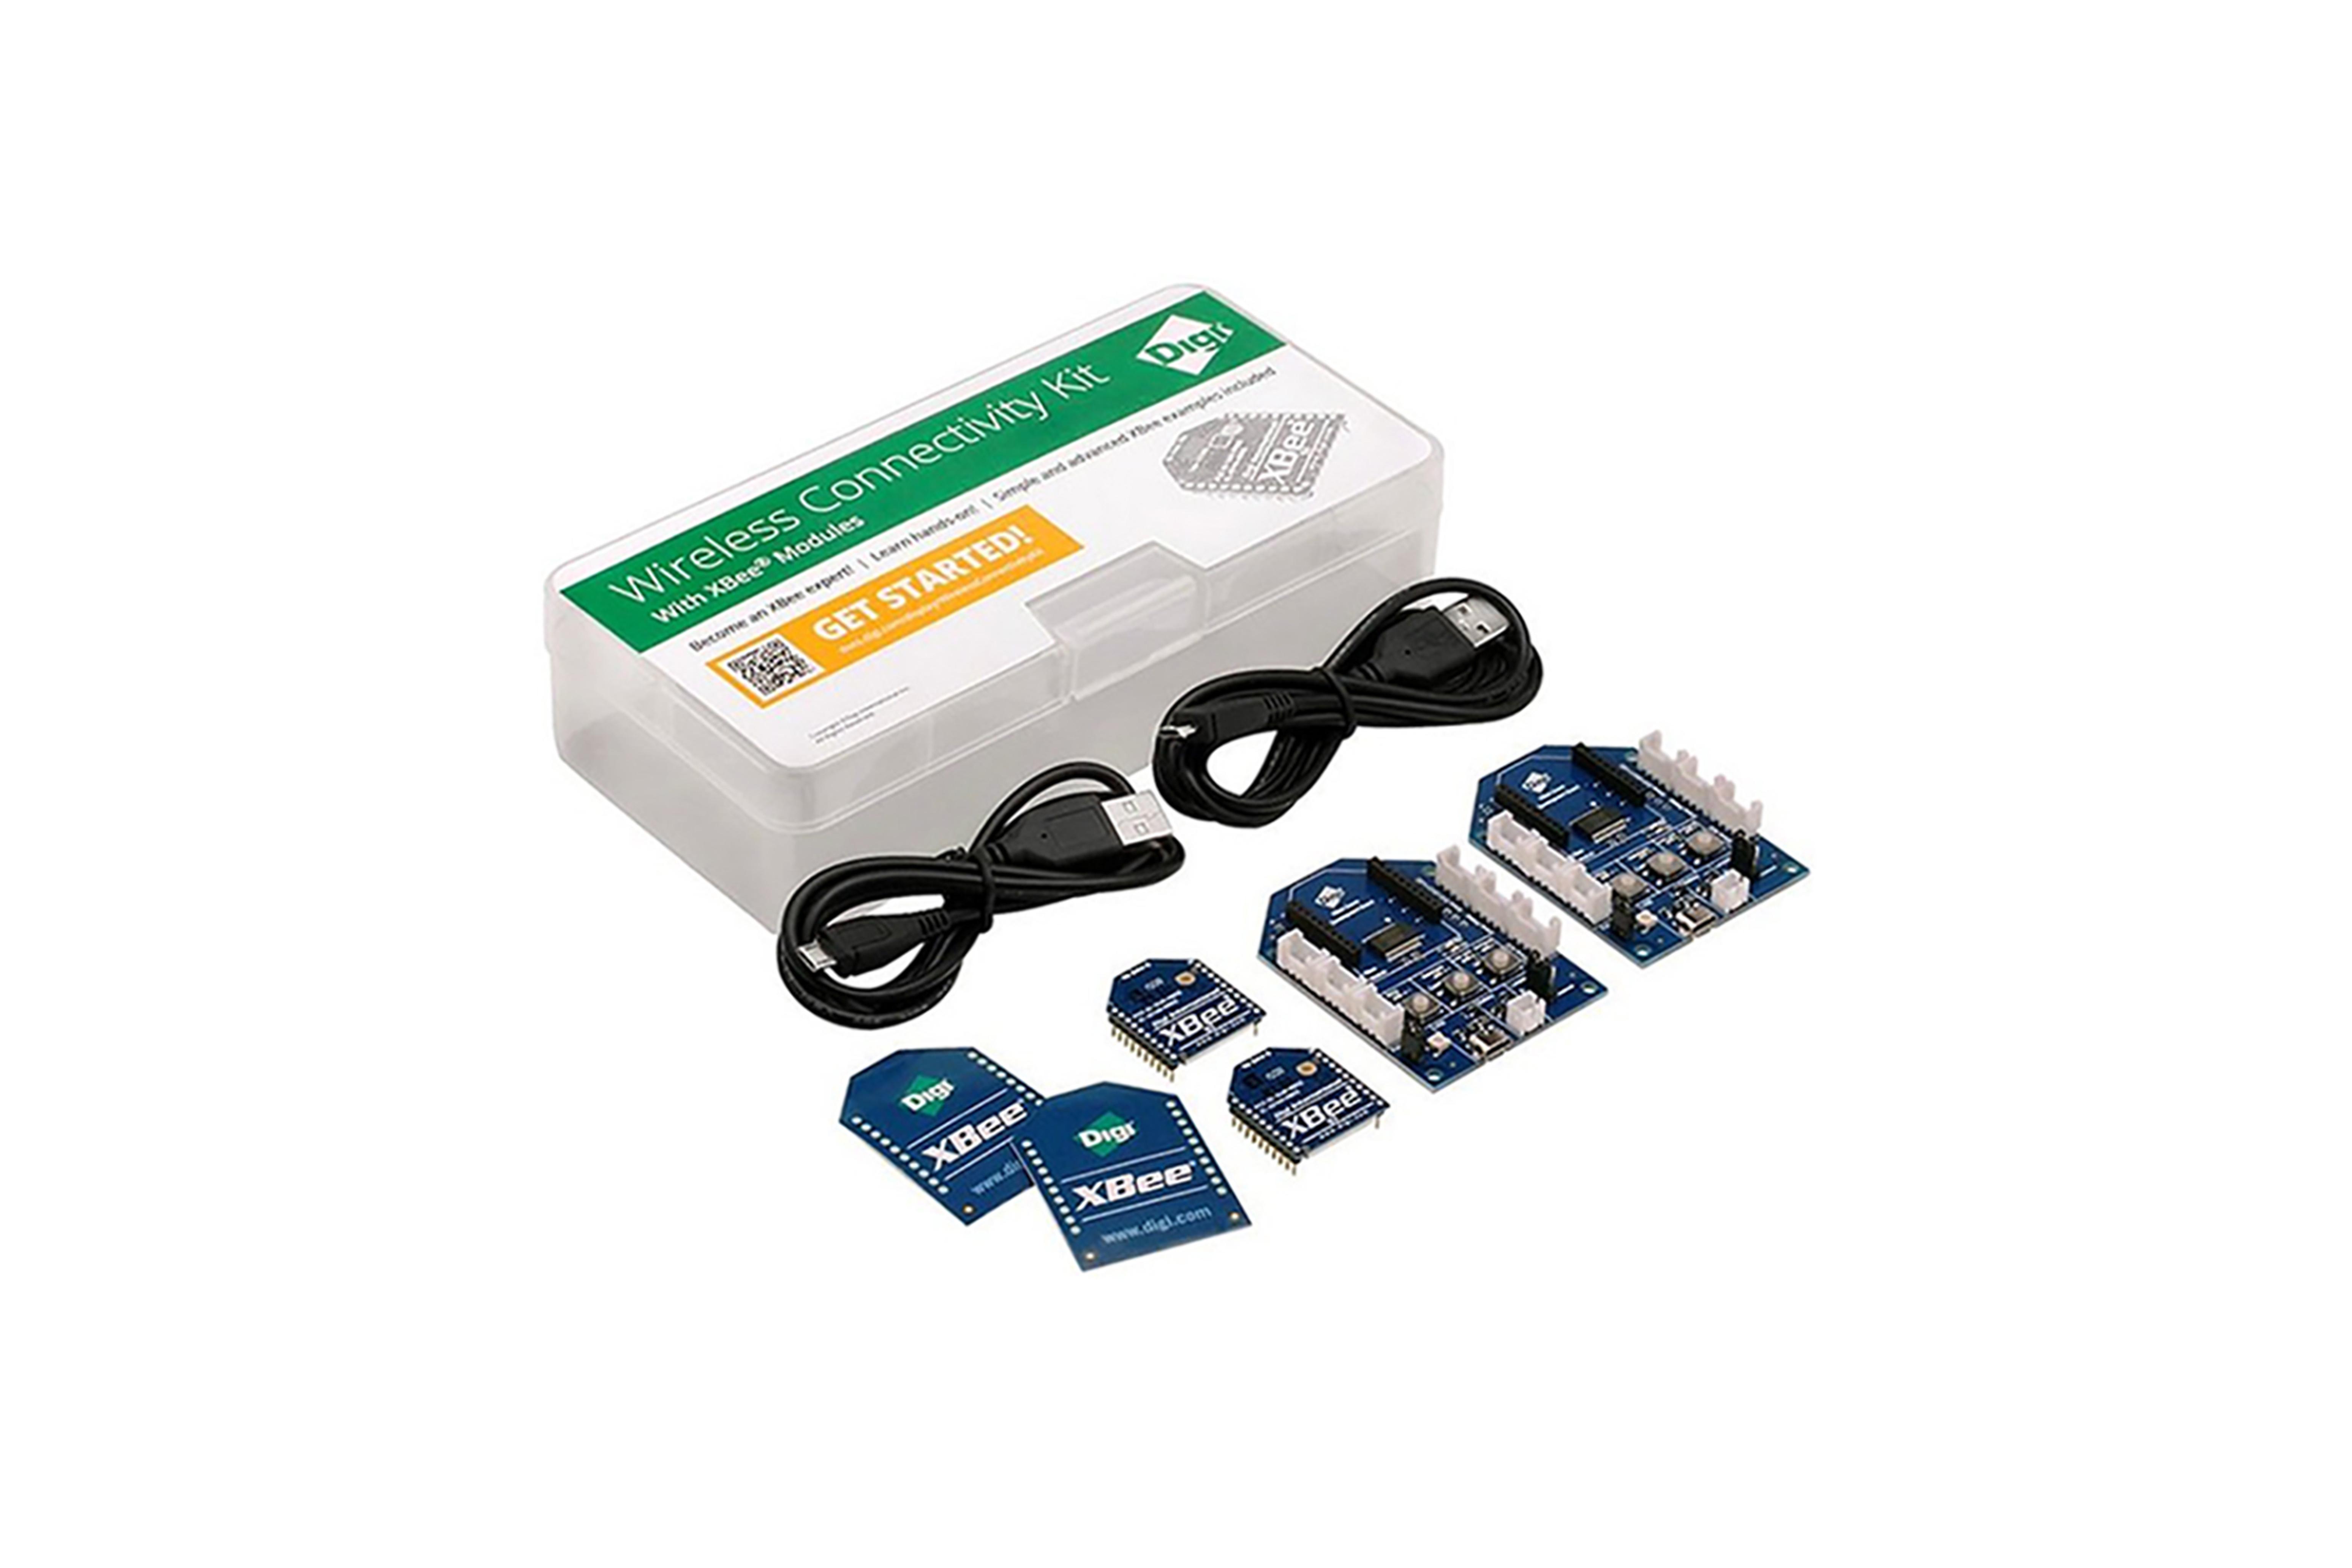 Kit für drahtlose Verbindungen Xbee 802.15.4